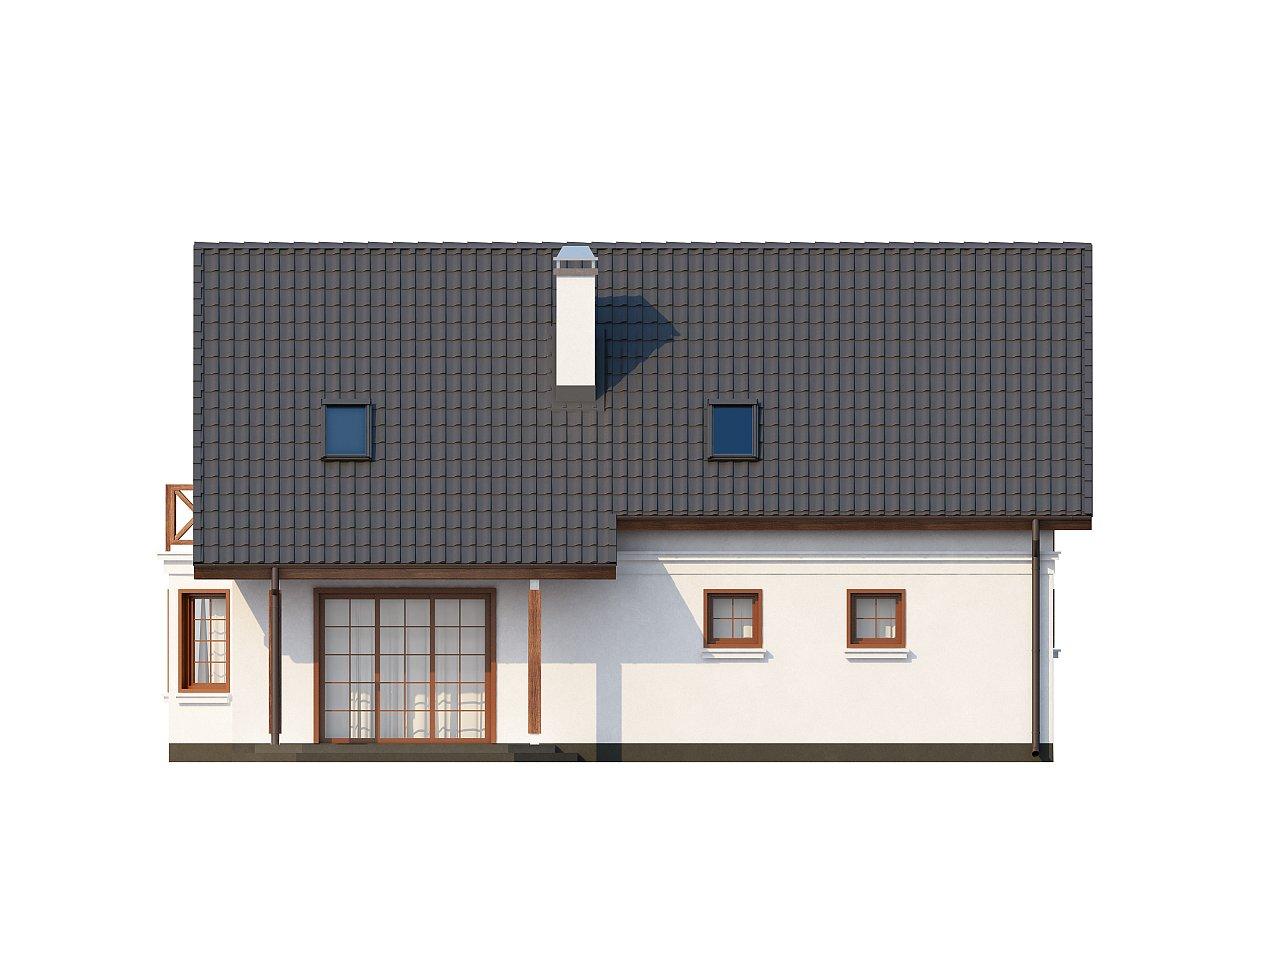 Элегантный дом простой формы со встроенным гаражом, эркером и балконом над ним. 13